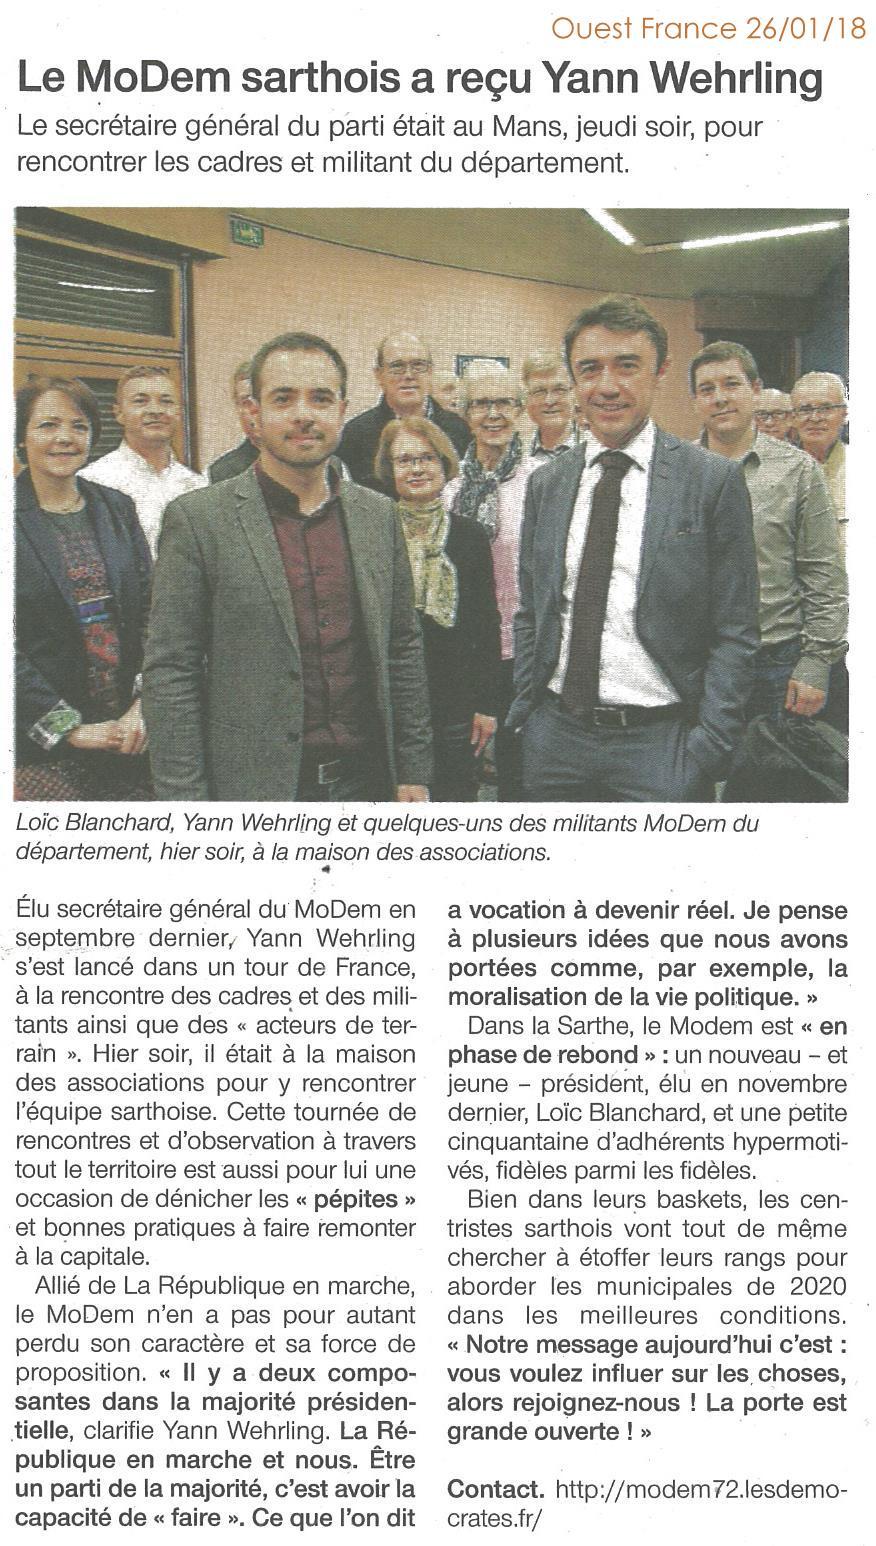 MoDem 72 - Presse - 2018.01.26 Voeux avec Yann WEHRLING